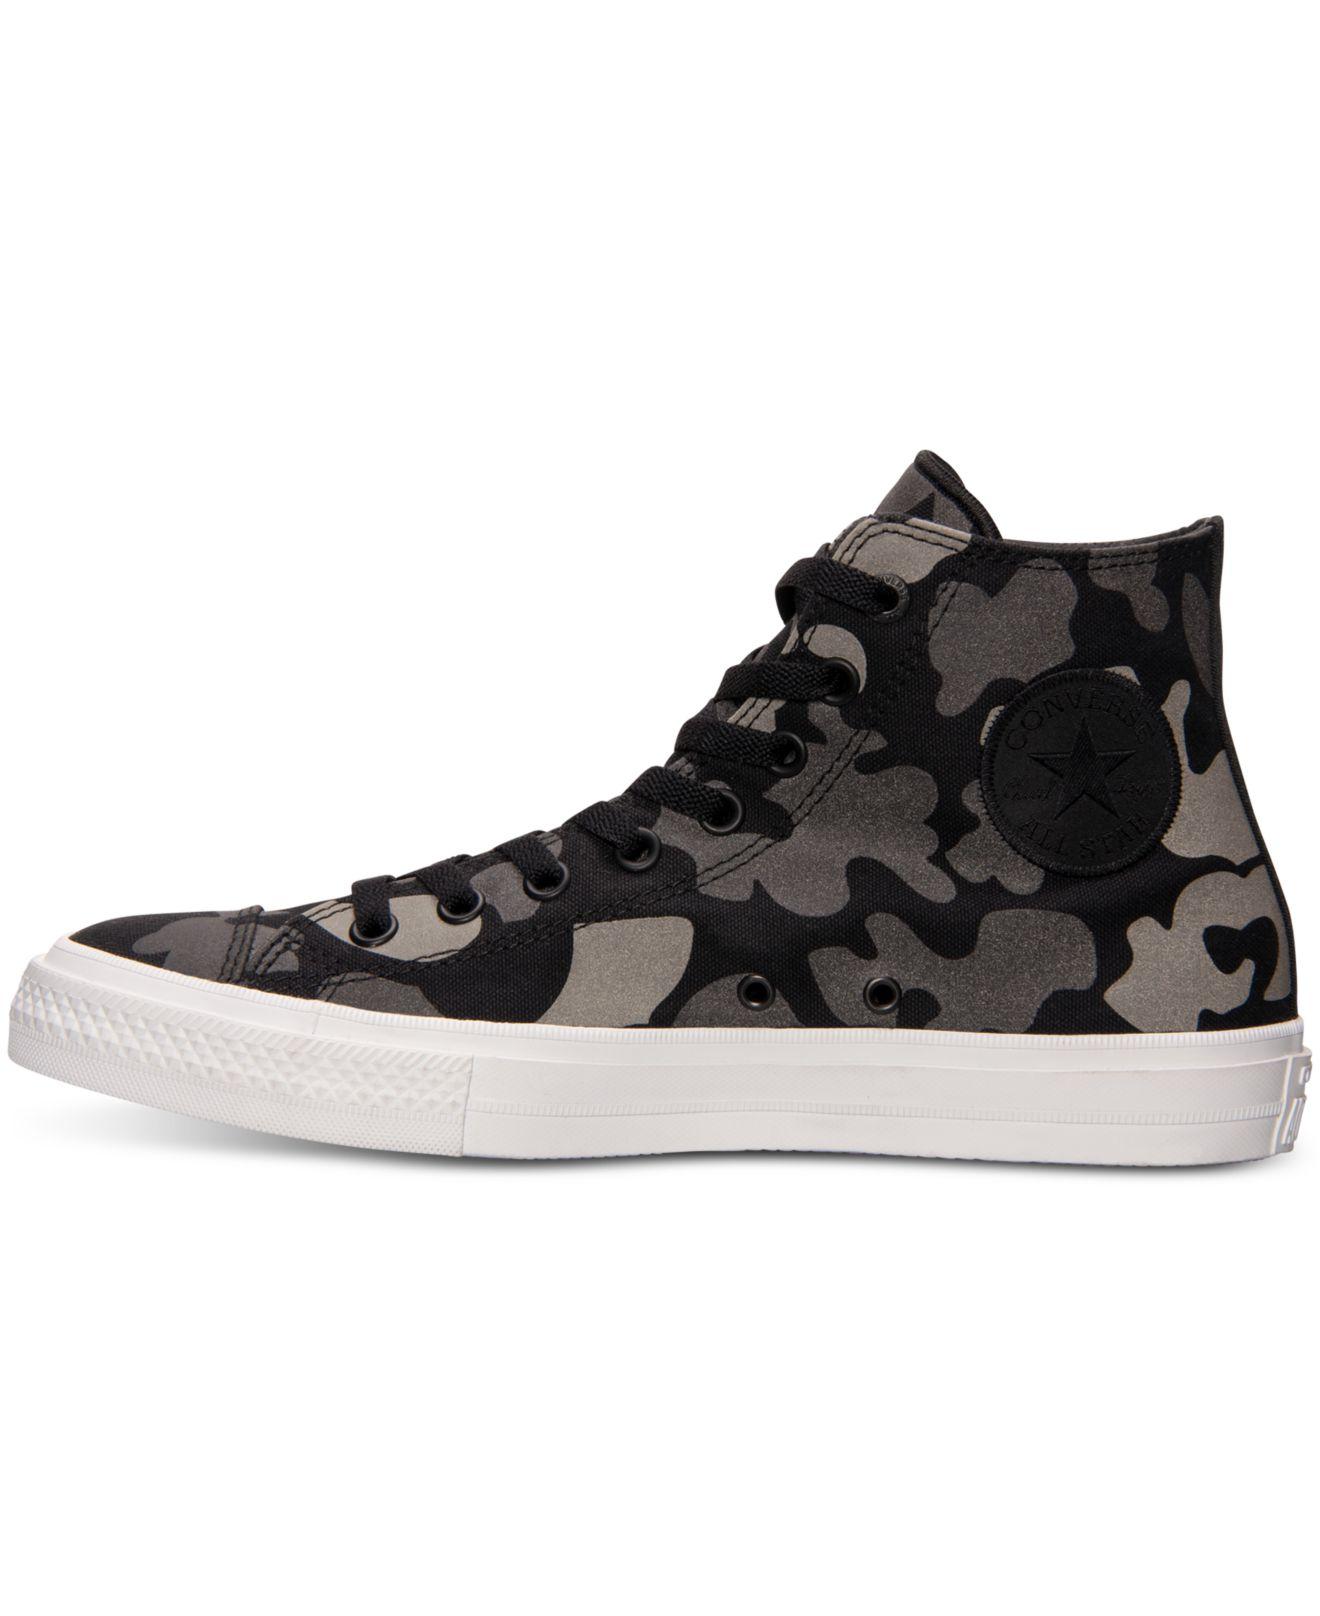 95dc2b699c64d8 Lyst - Converse Men s Chuck Taylor All Star Ii Hi Casual Sneakers ...